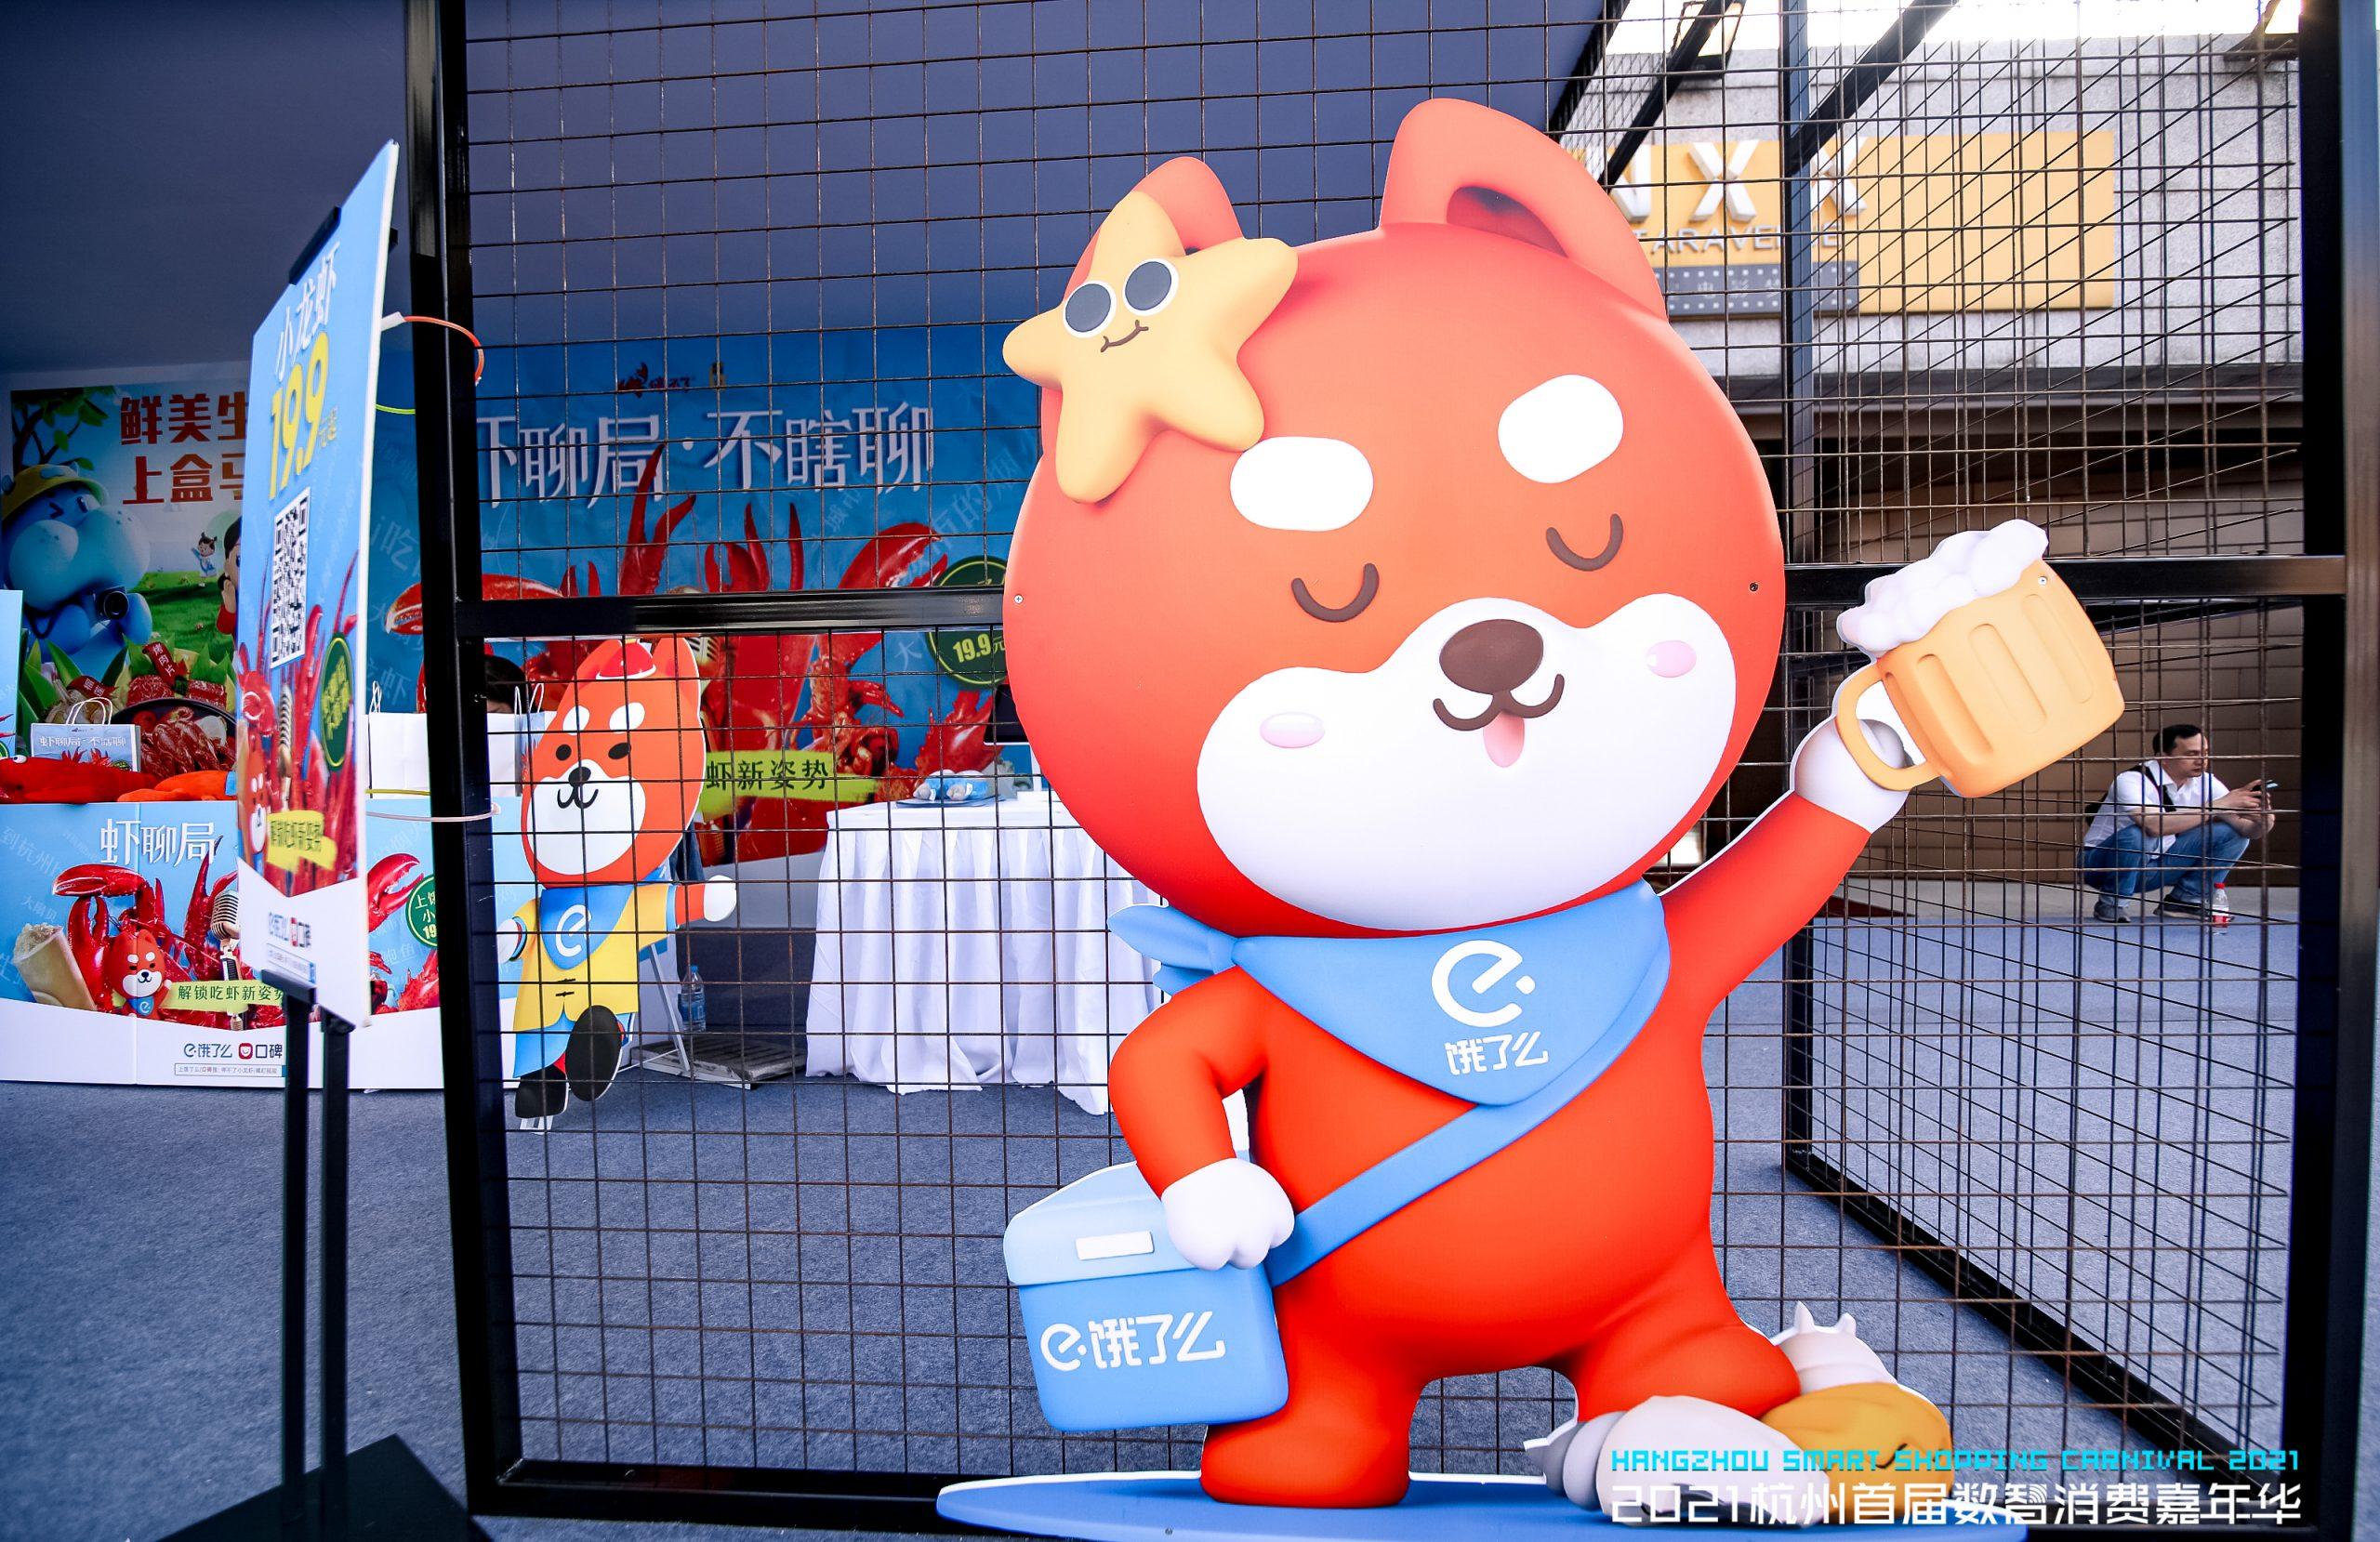 杭州首届数智消费嘉年华活动策划越夜越精彩,沉浸式体验区超有趣